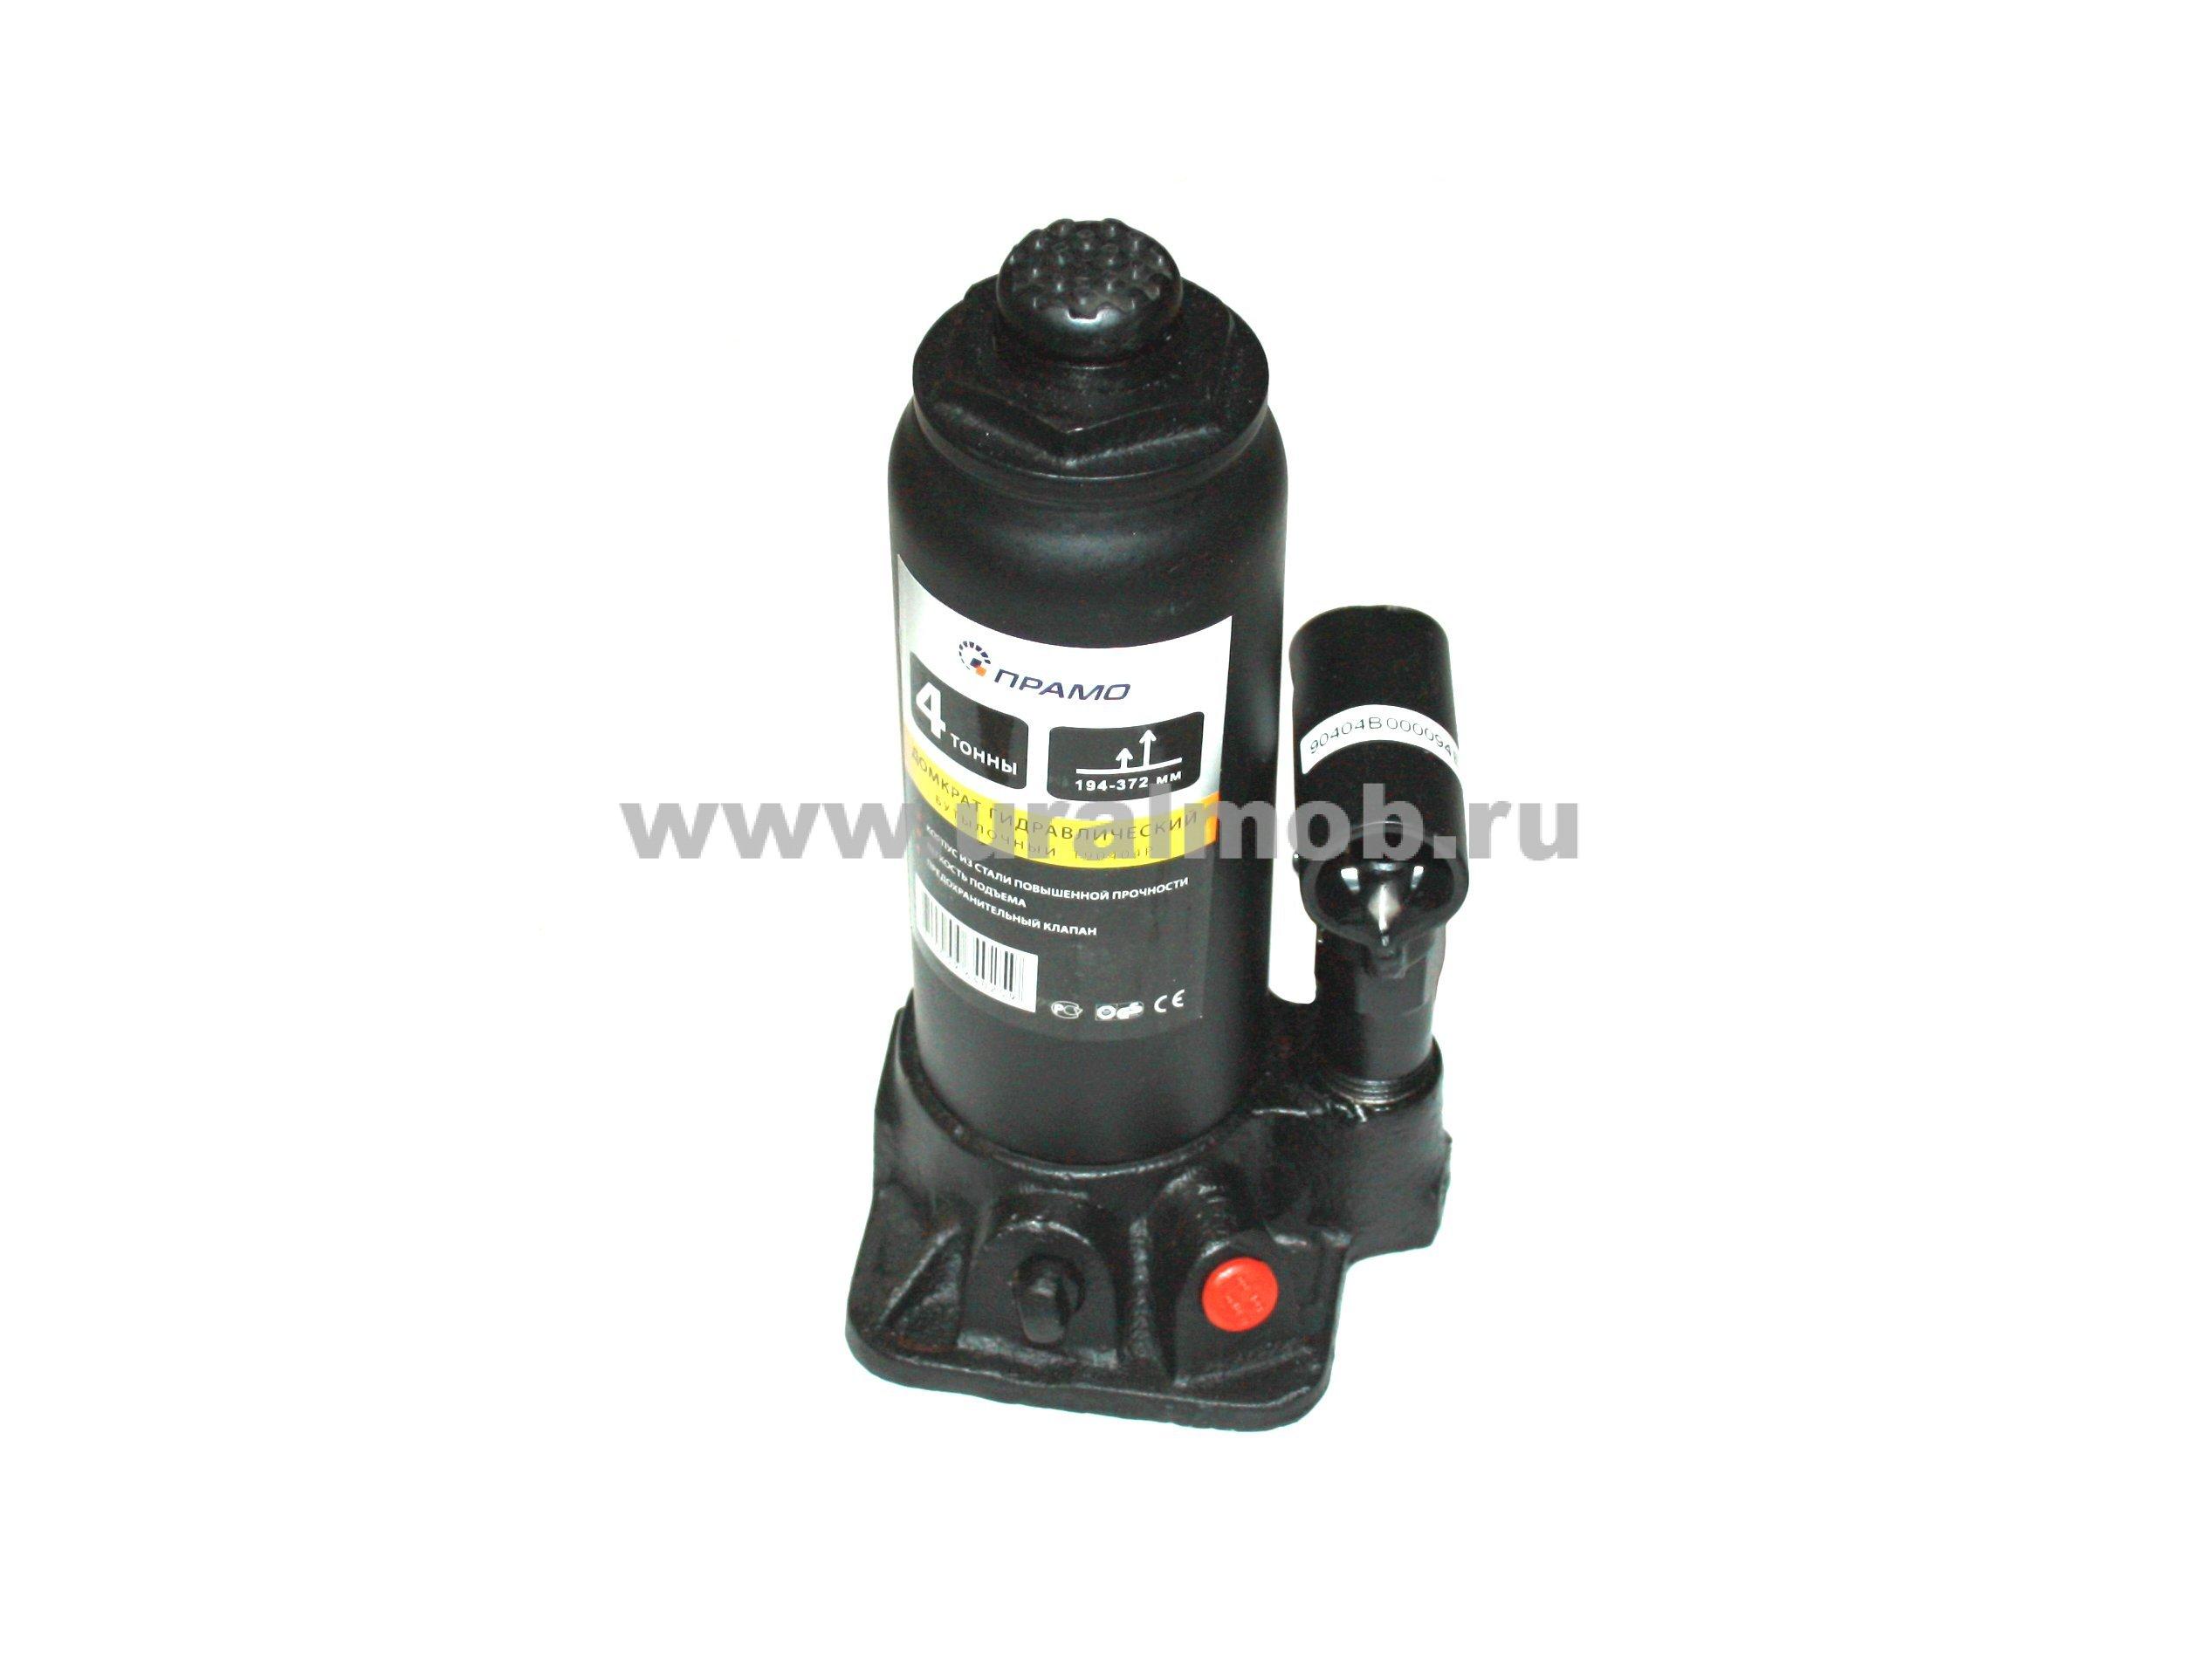 домкрат гидравлический 12 т ( шааз) 240-505 мм схема